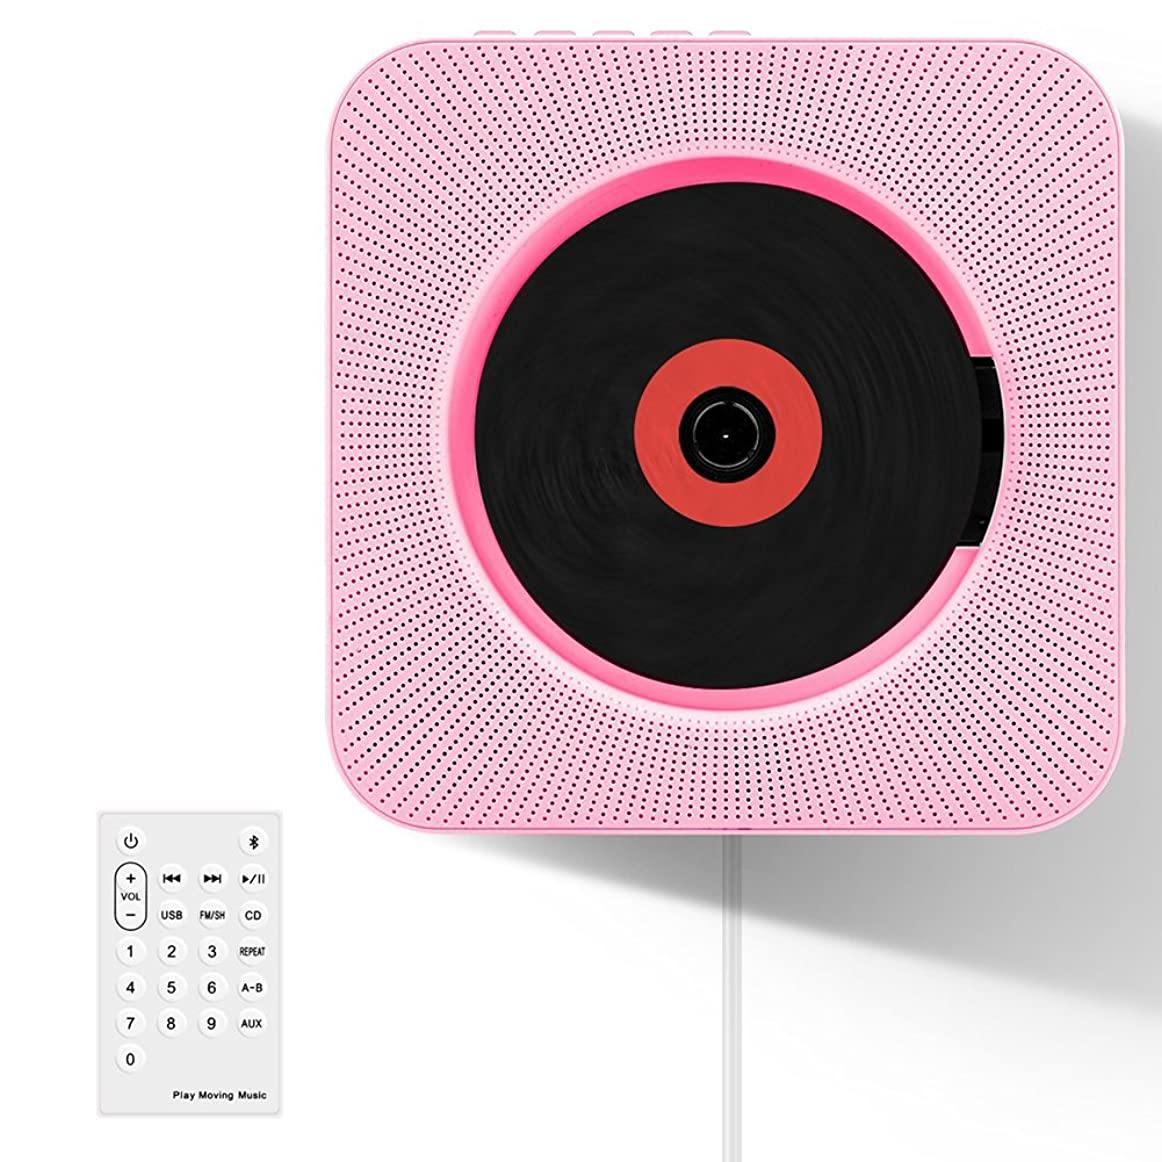 少数あいまいな行方不明CDプレーヤー Bluetooth 壁掛け 携帯式 音楽プレーヤー リモートコントロール